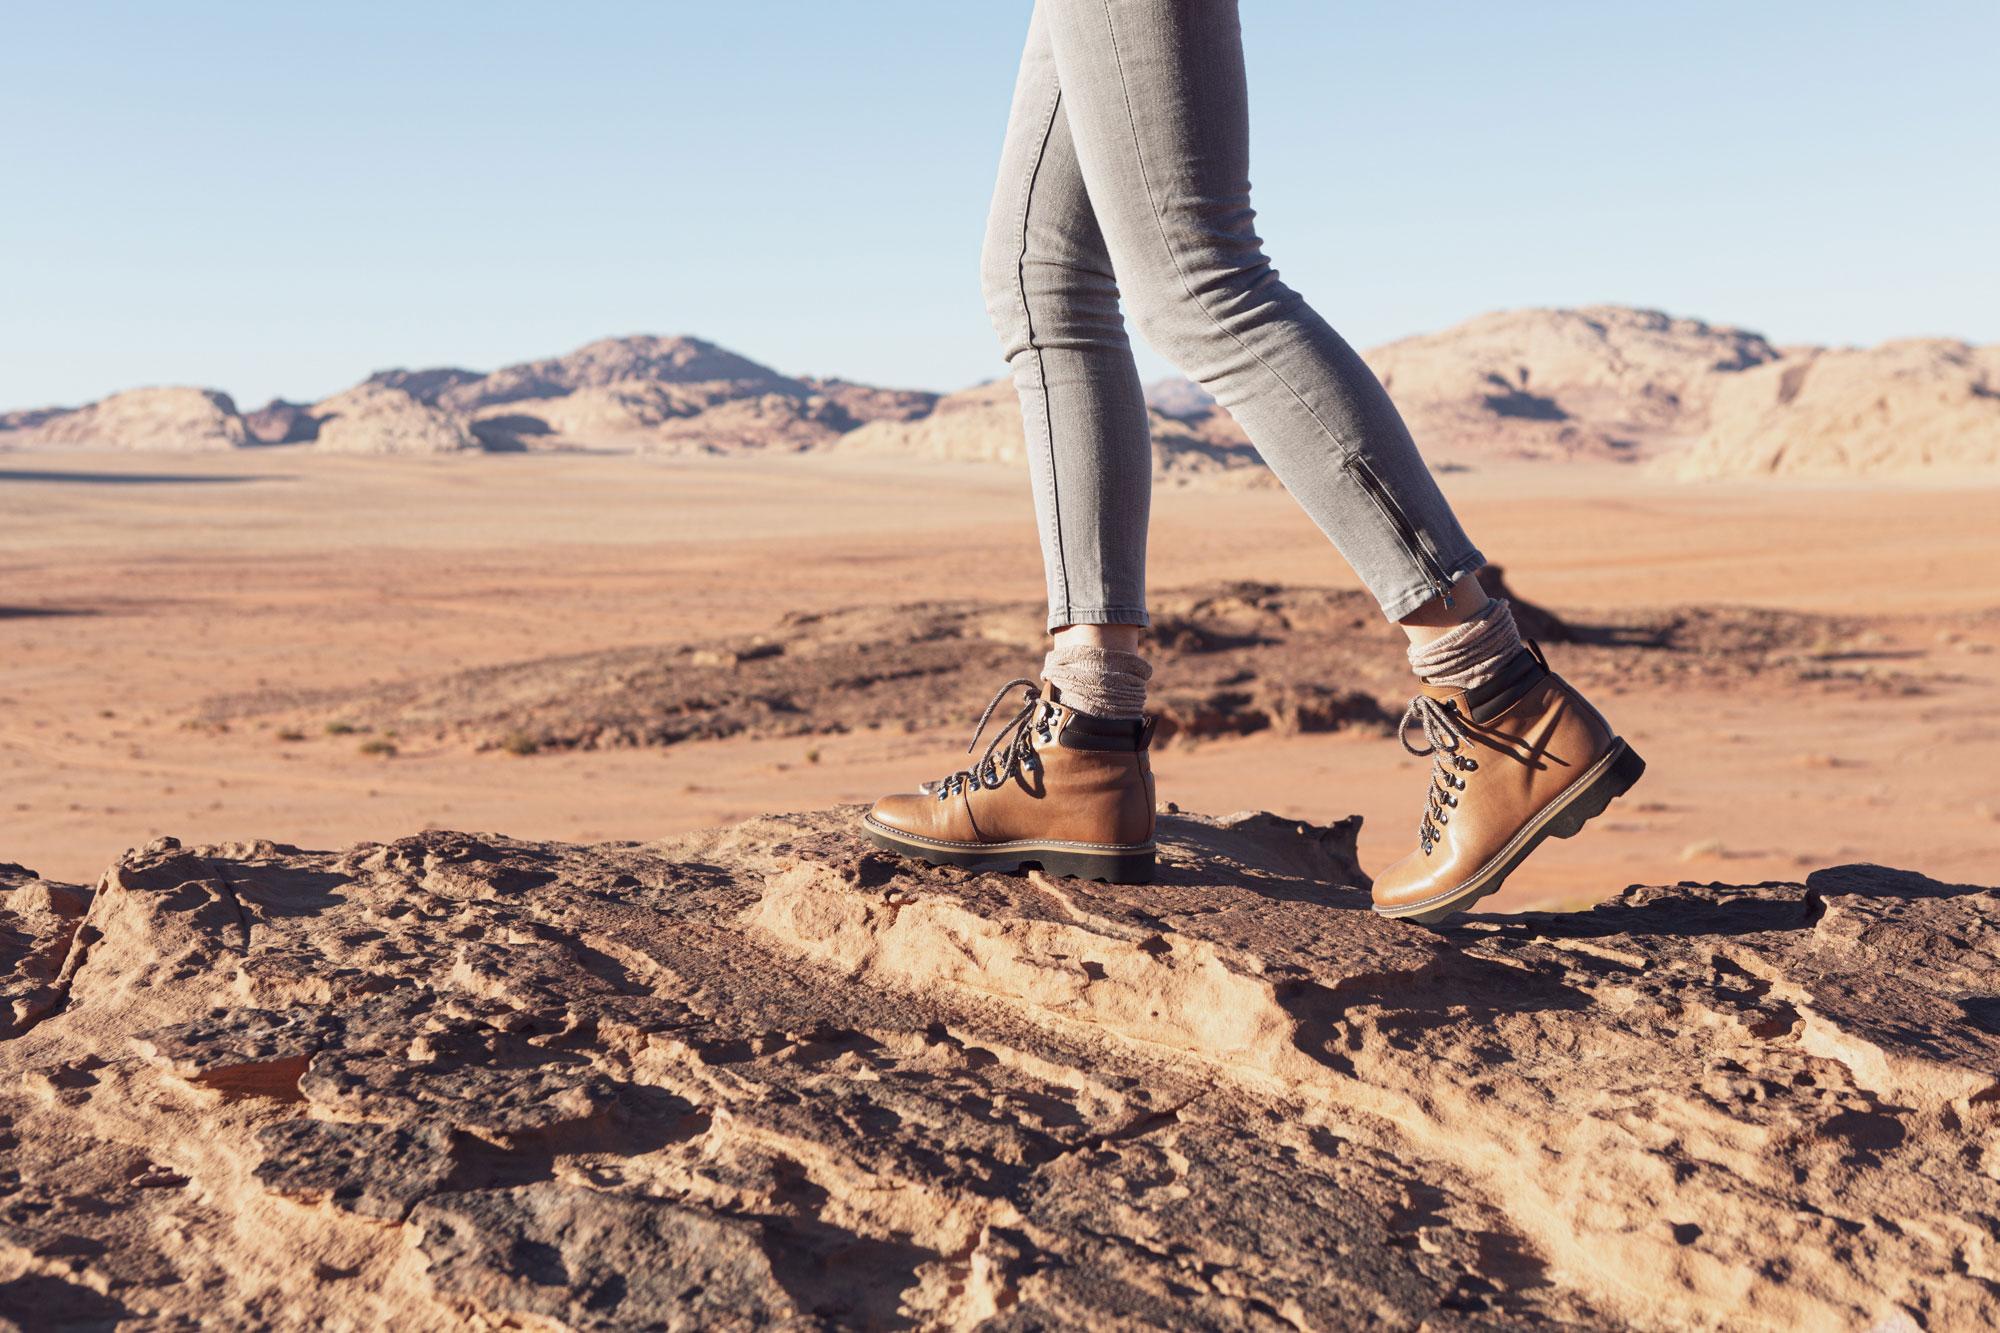 voyage en Jordanie équipement